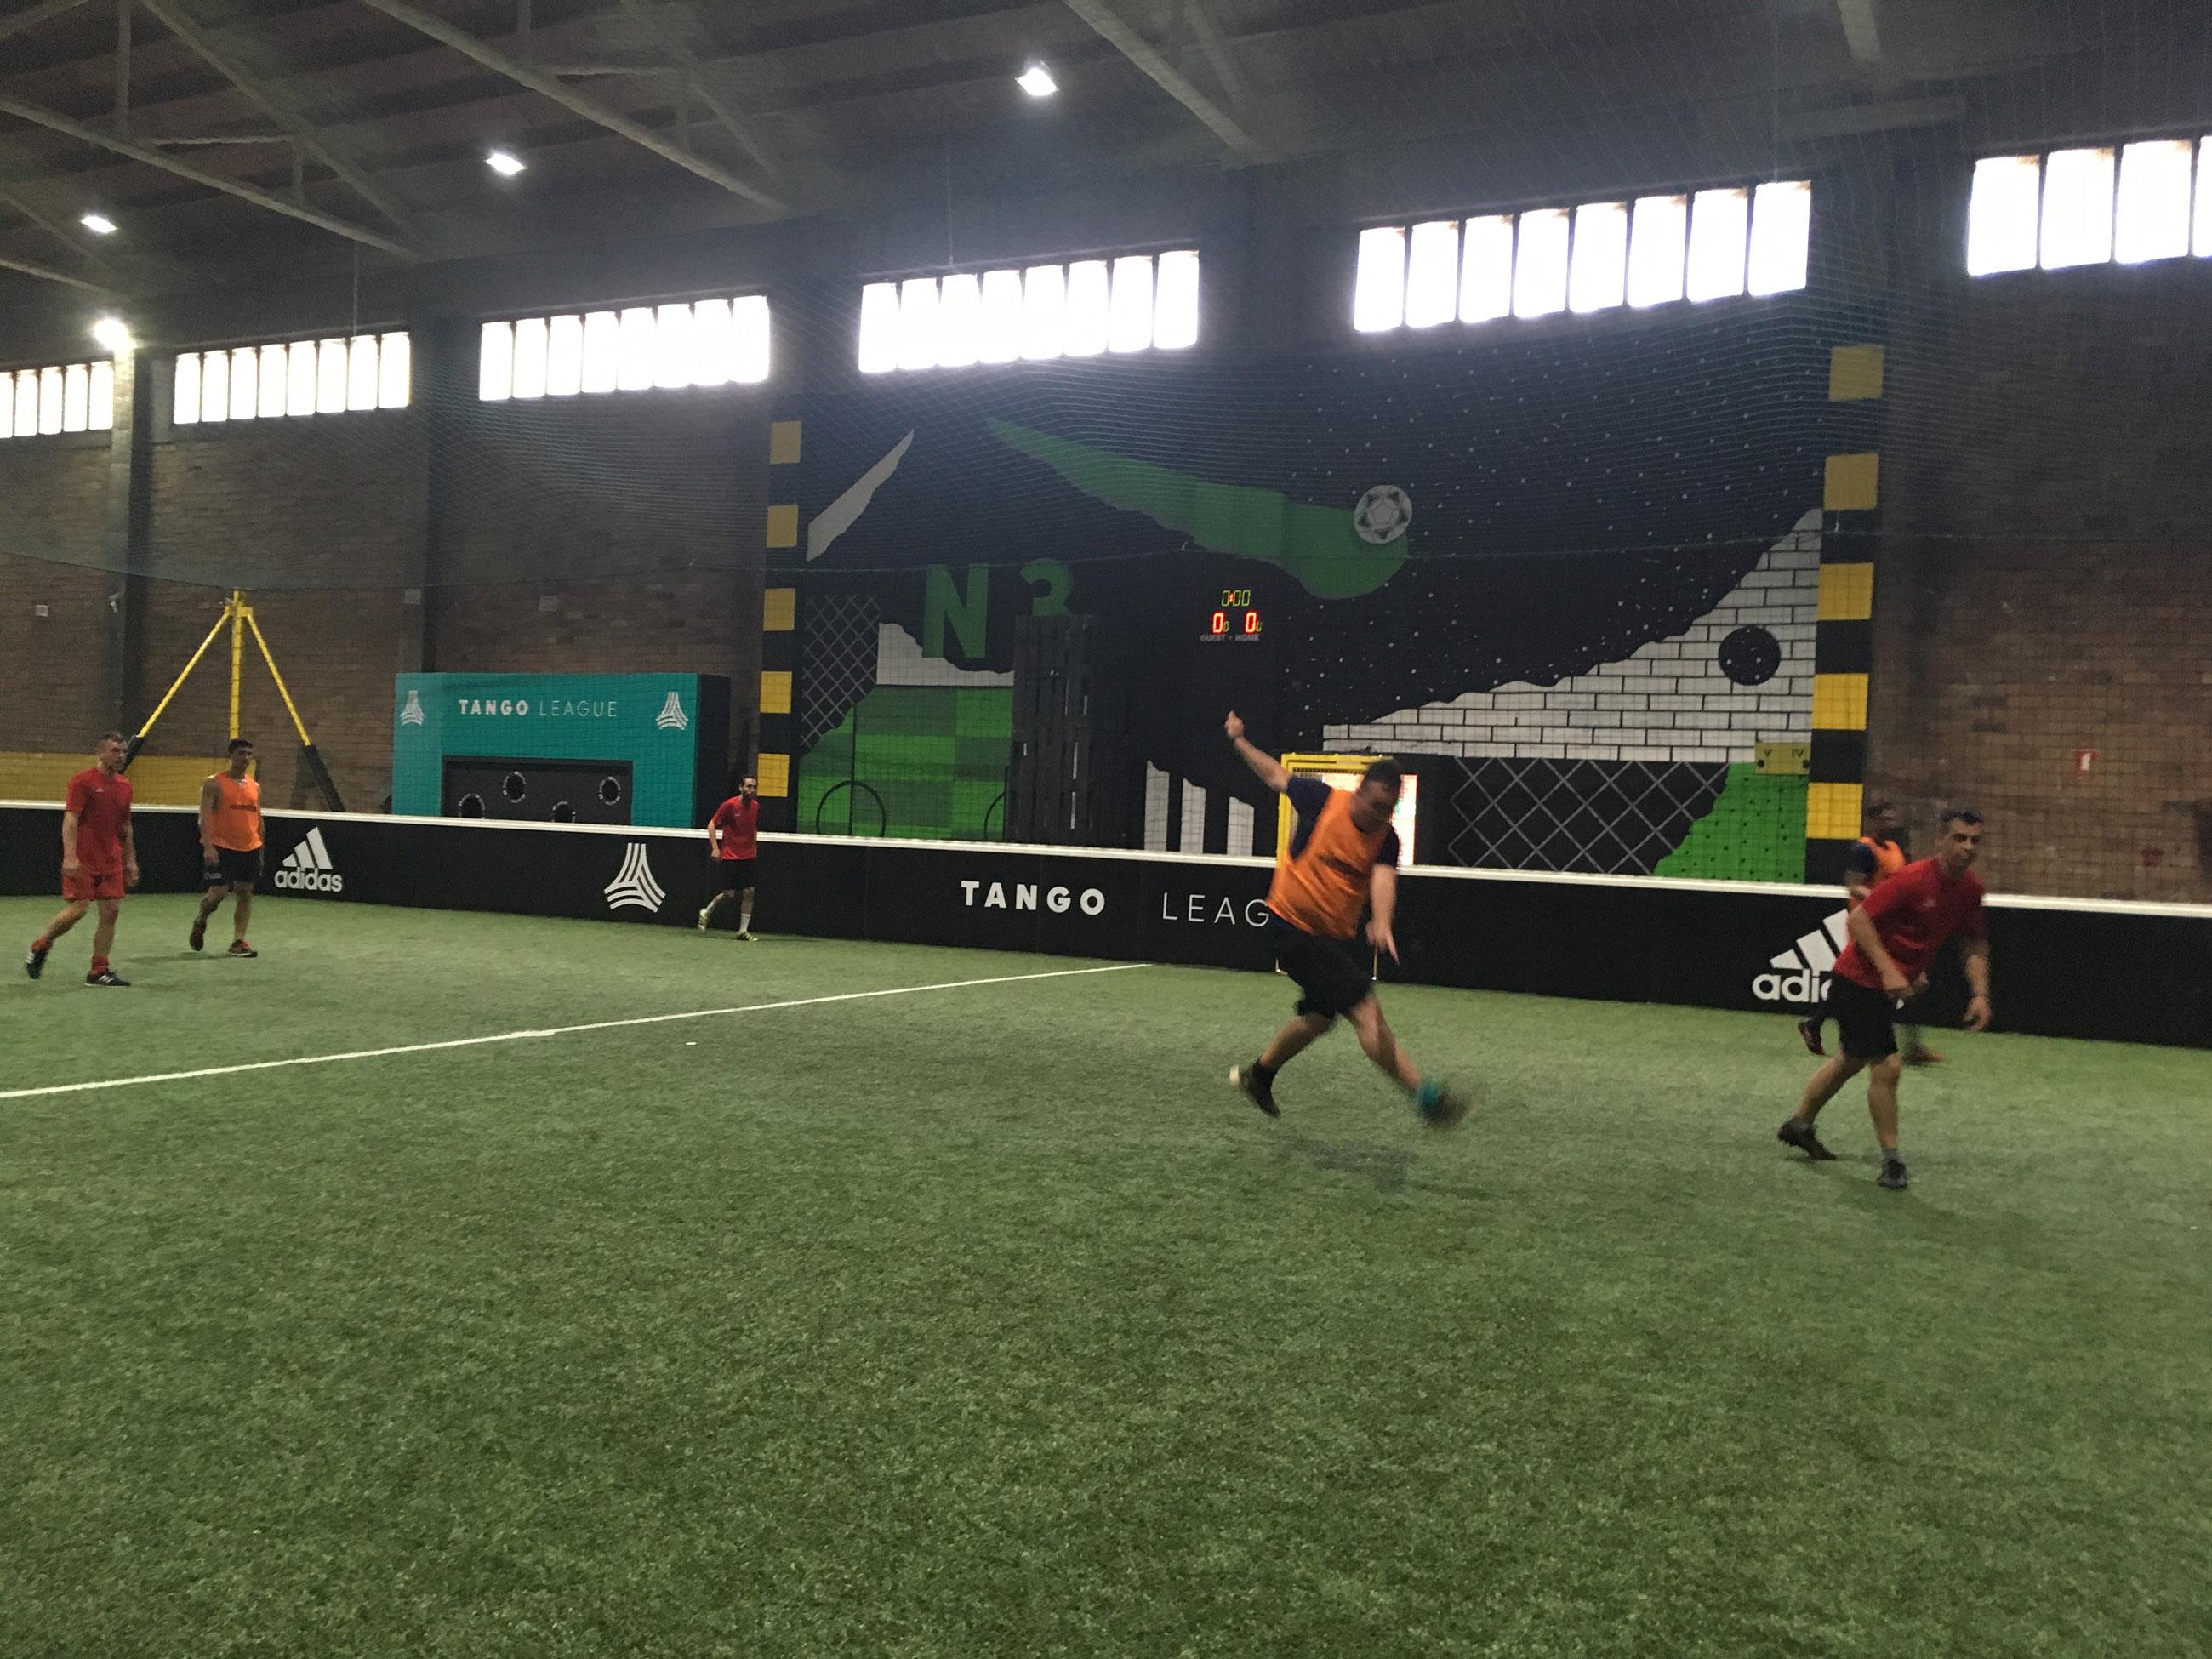 Foto eines Fußballspiels der Mary Jane Football League. Das Spiel findet in einer Halle statt. Insgesamt befinden sich fünf Spieler auf dem Platz.